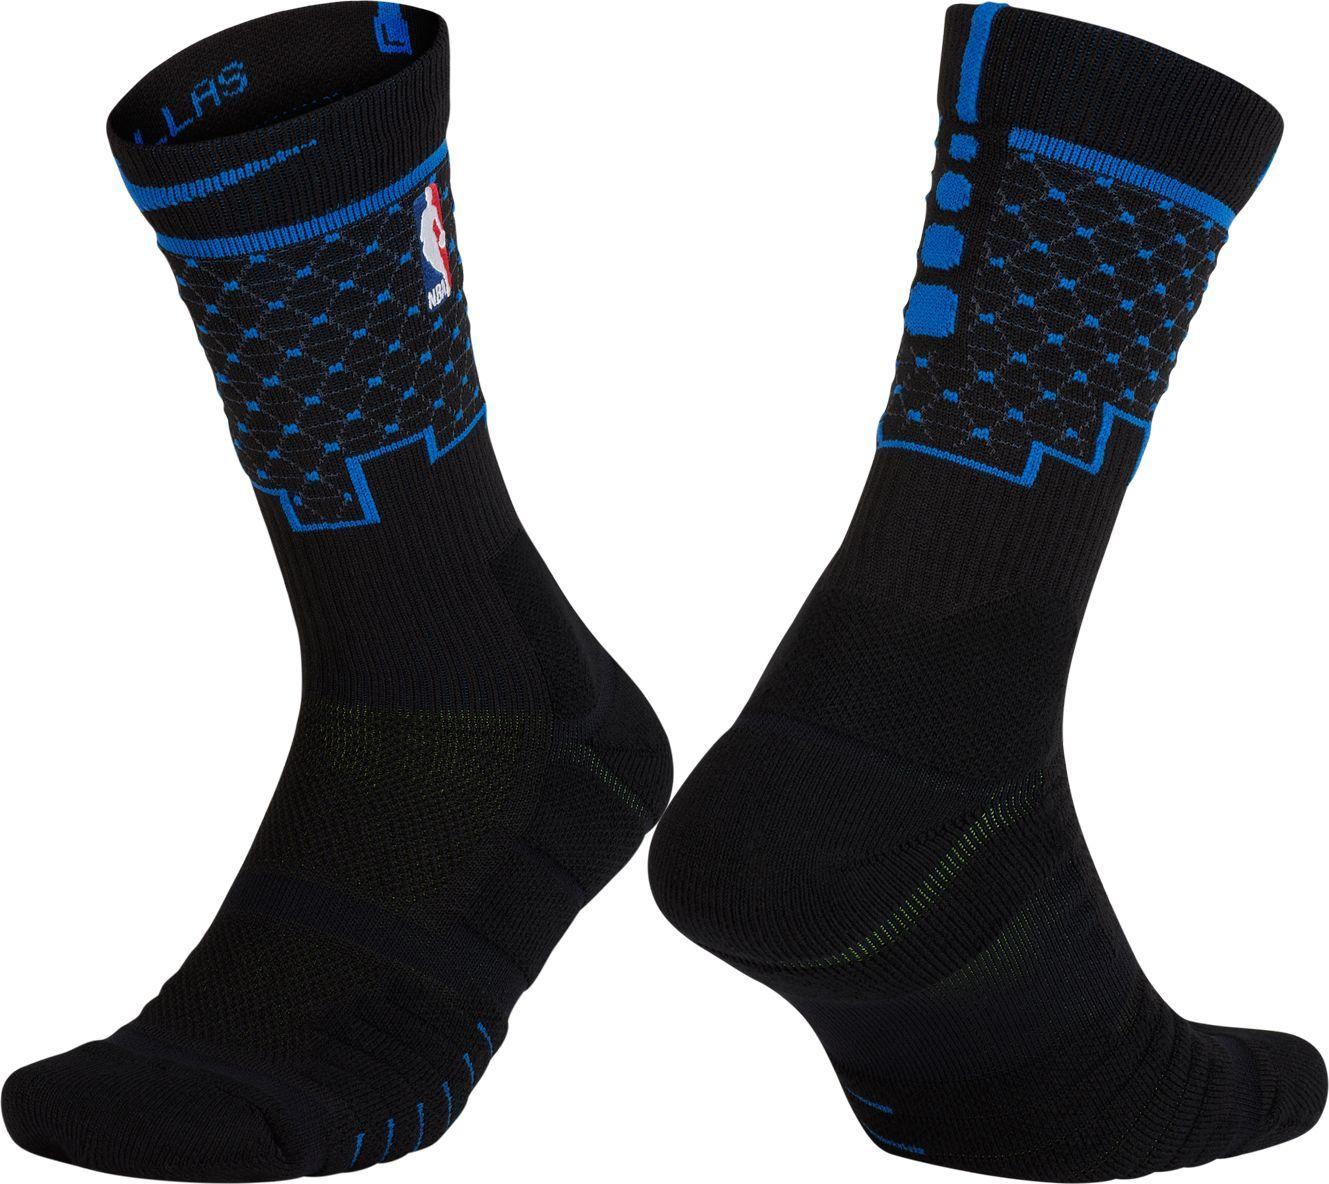 e7a51f52a6f Nike Dallas Mavericks City Edition Elite Quick NBA Crew Socks ...